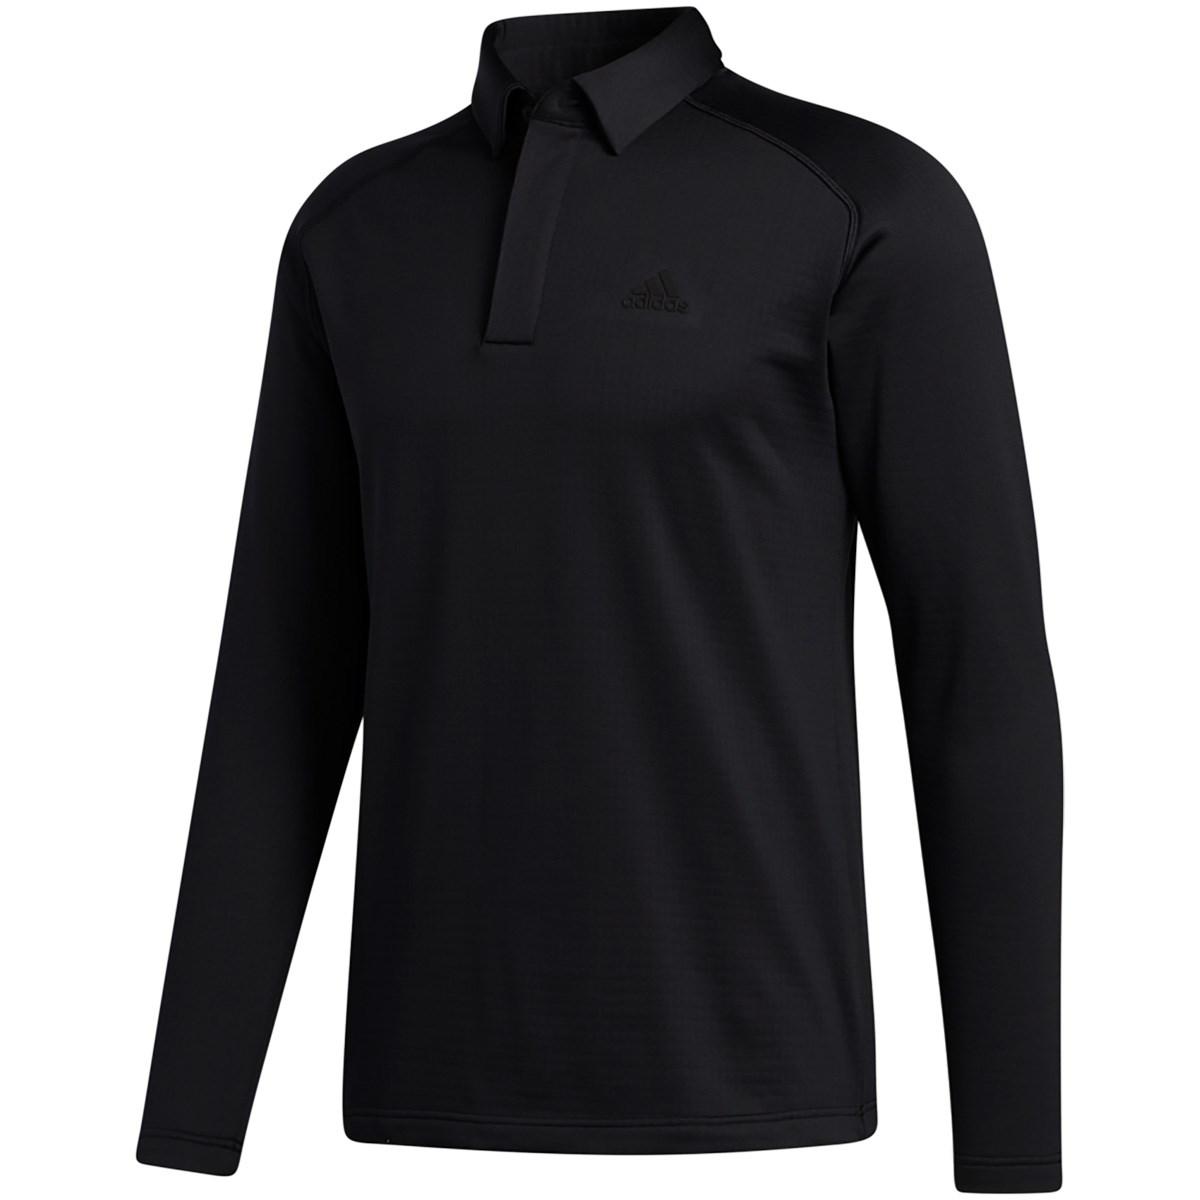 アディダス Adidas ブラッシュドワッフル ストレッチ長袖ポロシャツ J/S ブラック